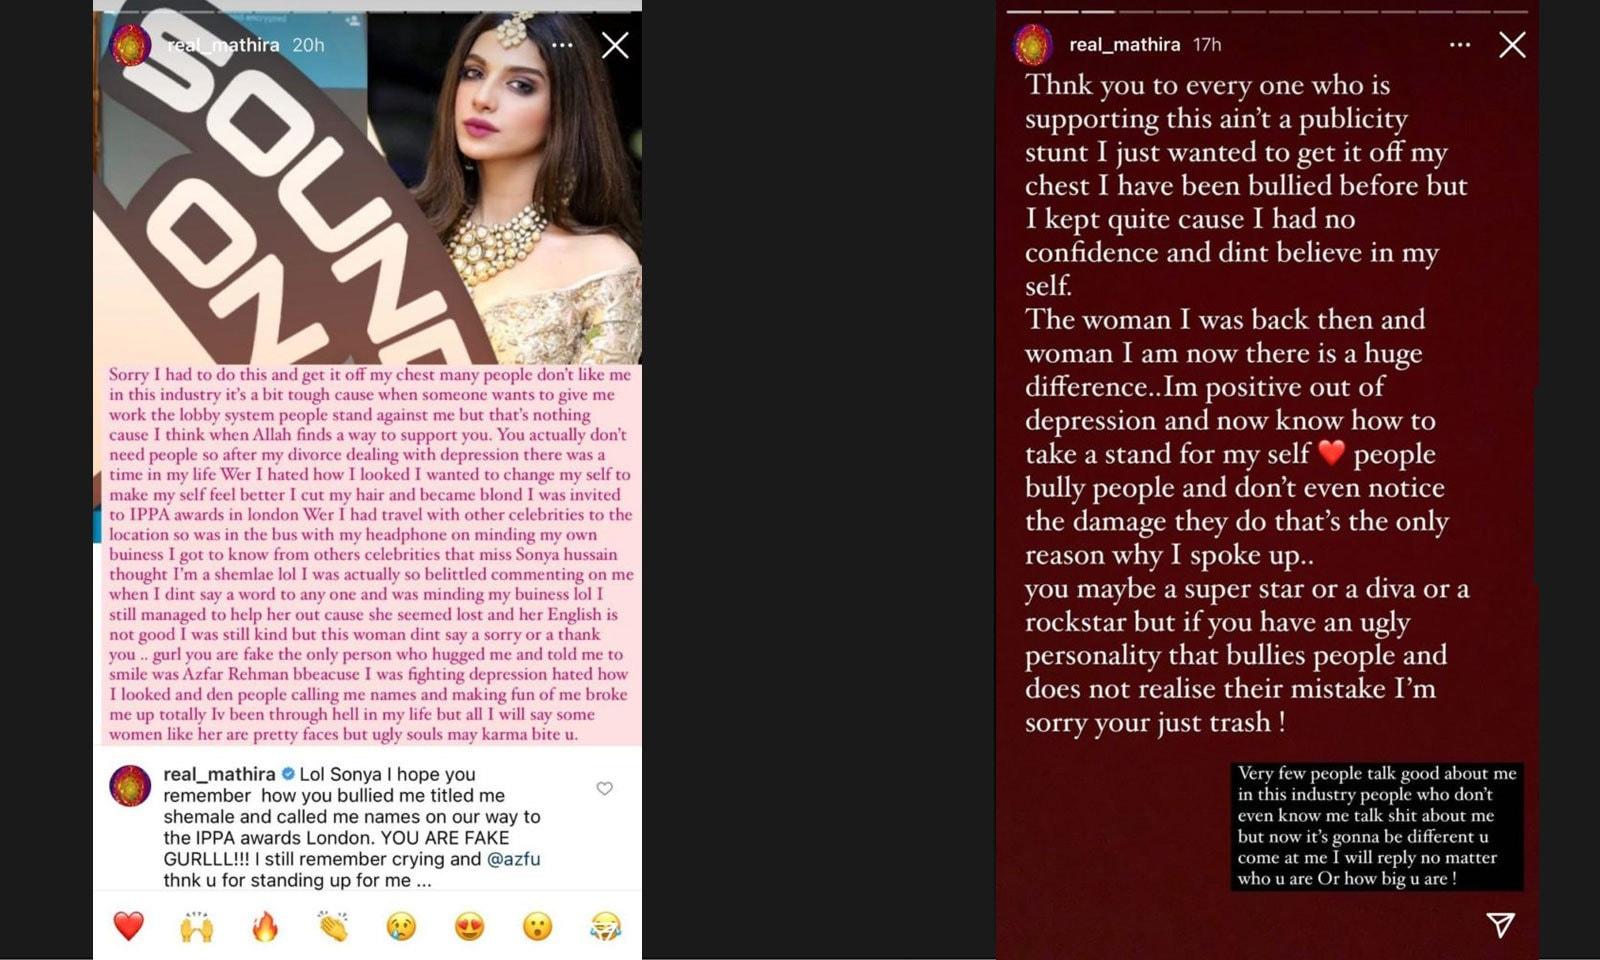 متھیرا نے انسٹاگرام اسٹوریز میں بتایا کہ ماضی میں سونیا حسین ان کے لیے نامناسب زبان استعمال کر چکی ہیں—اسکرین شاٹ